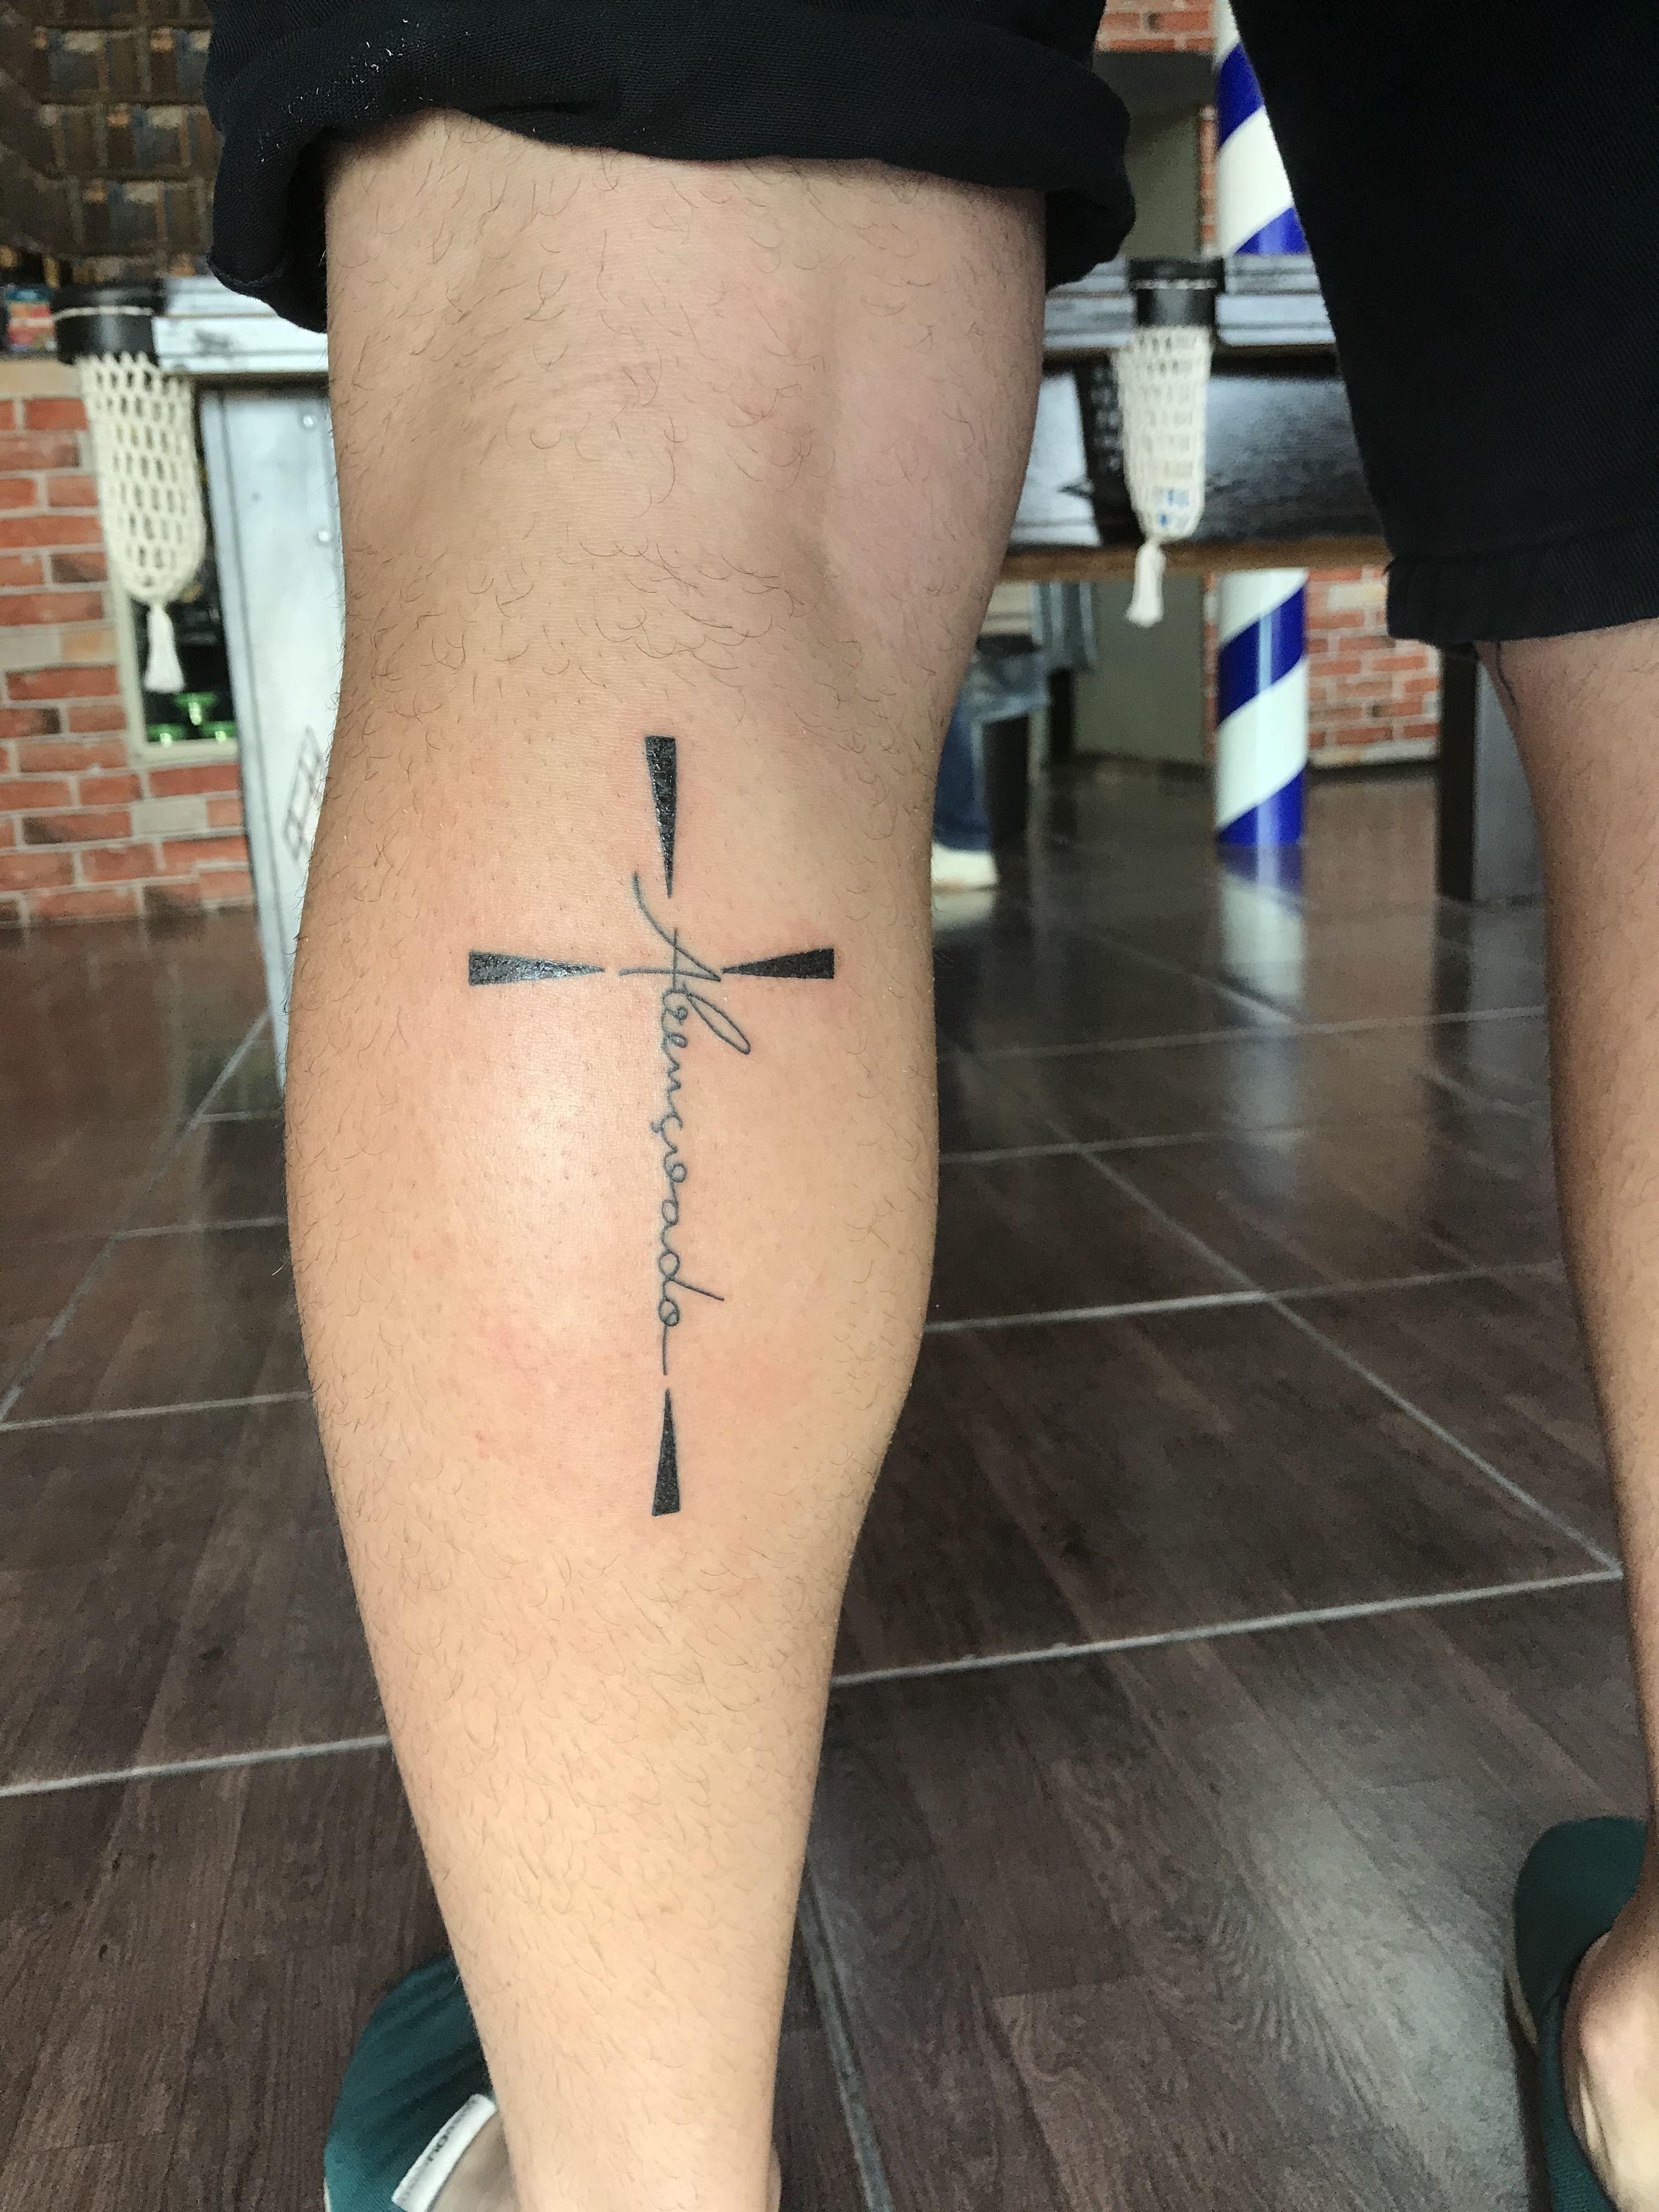 Pin De Mauricio Silva Em Frases Tatuagem Tatuagem